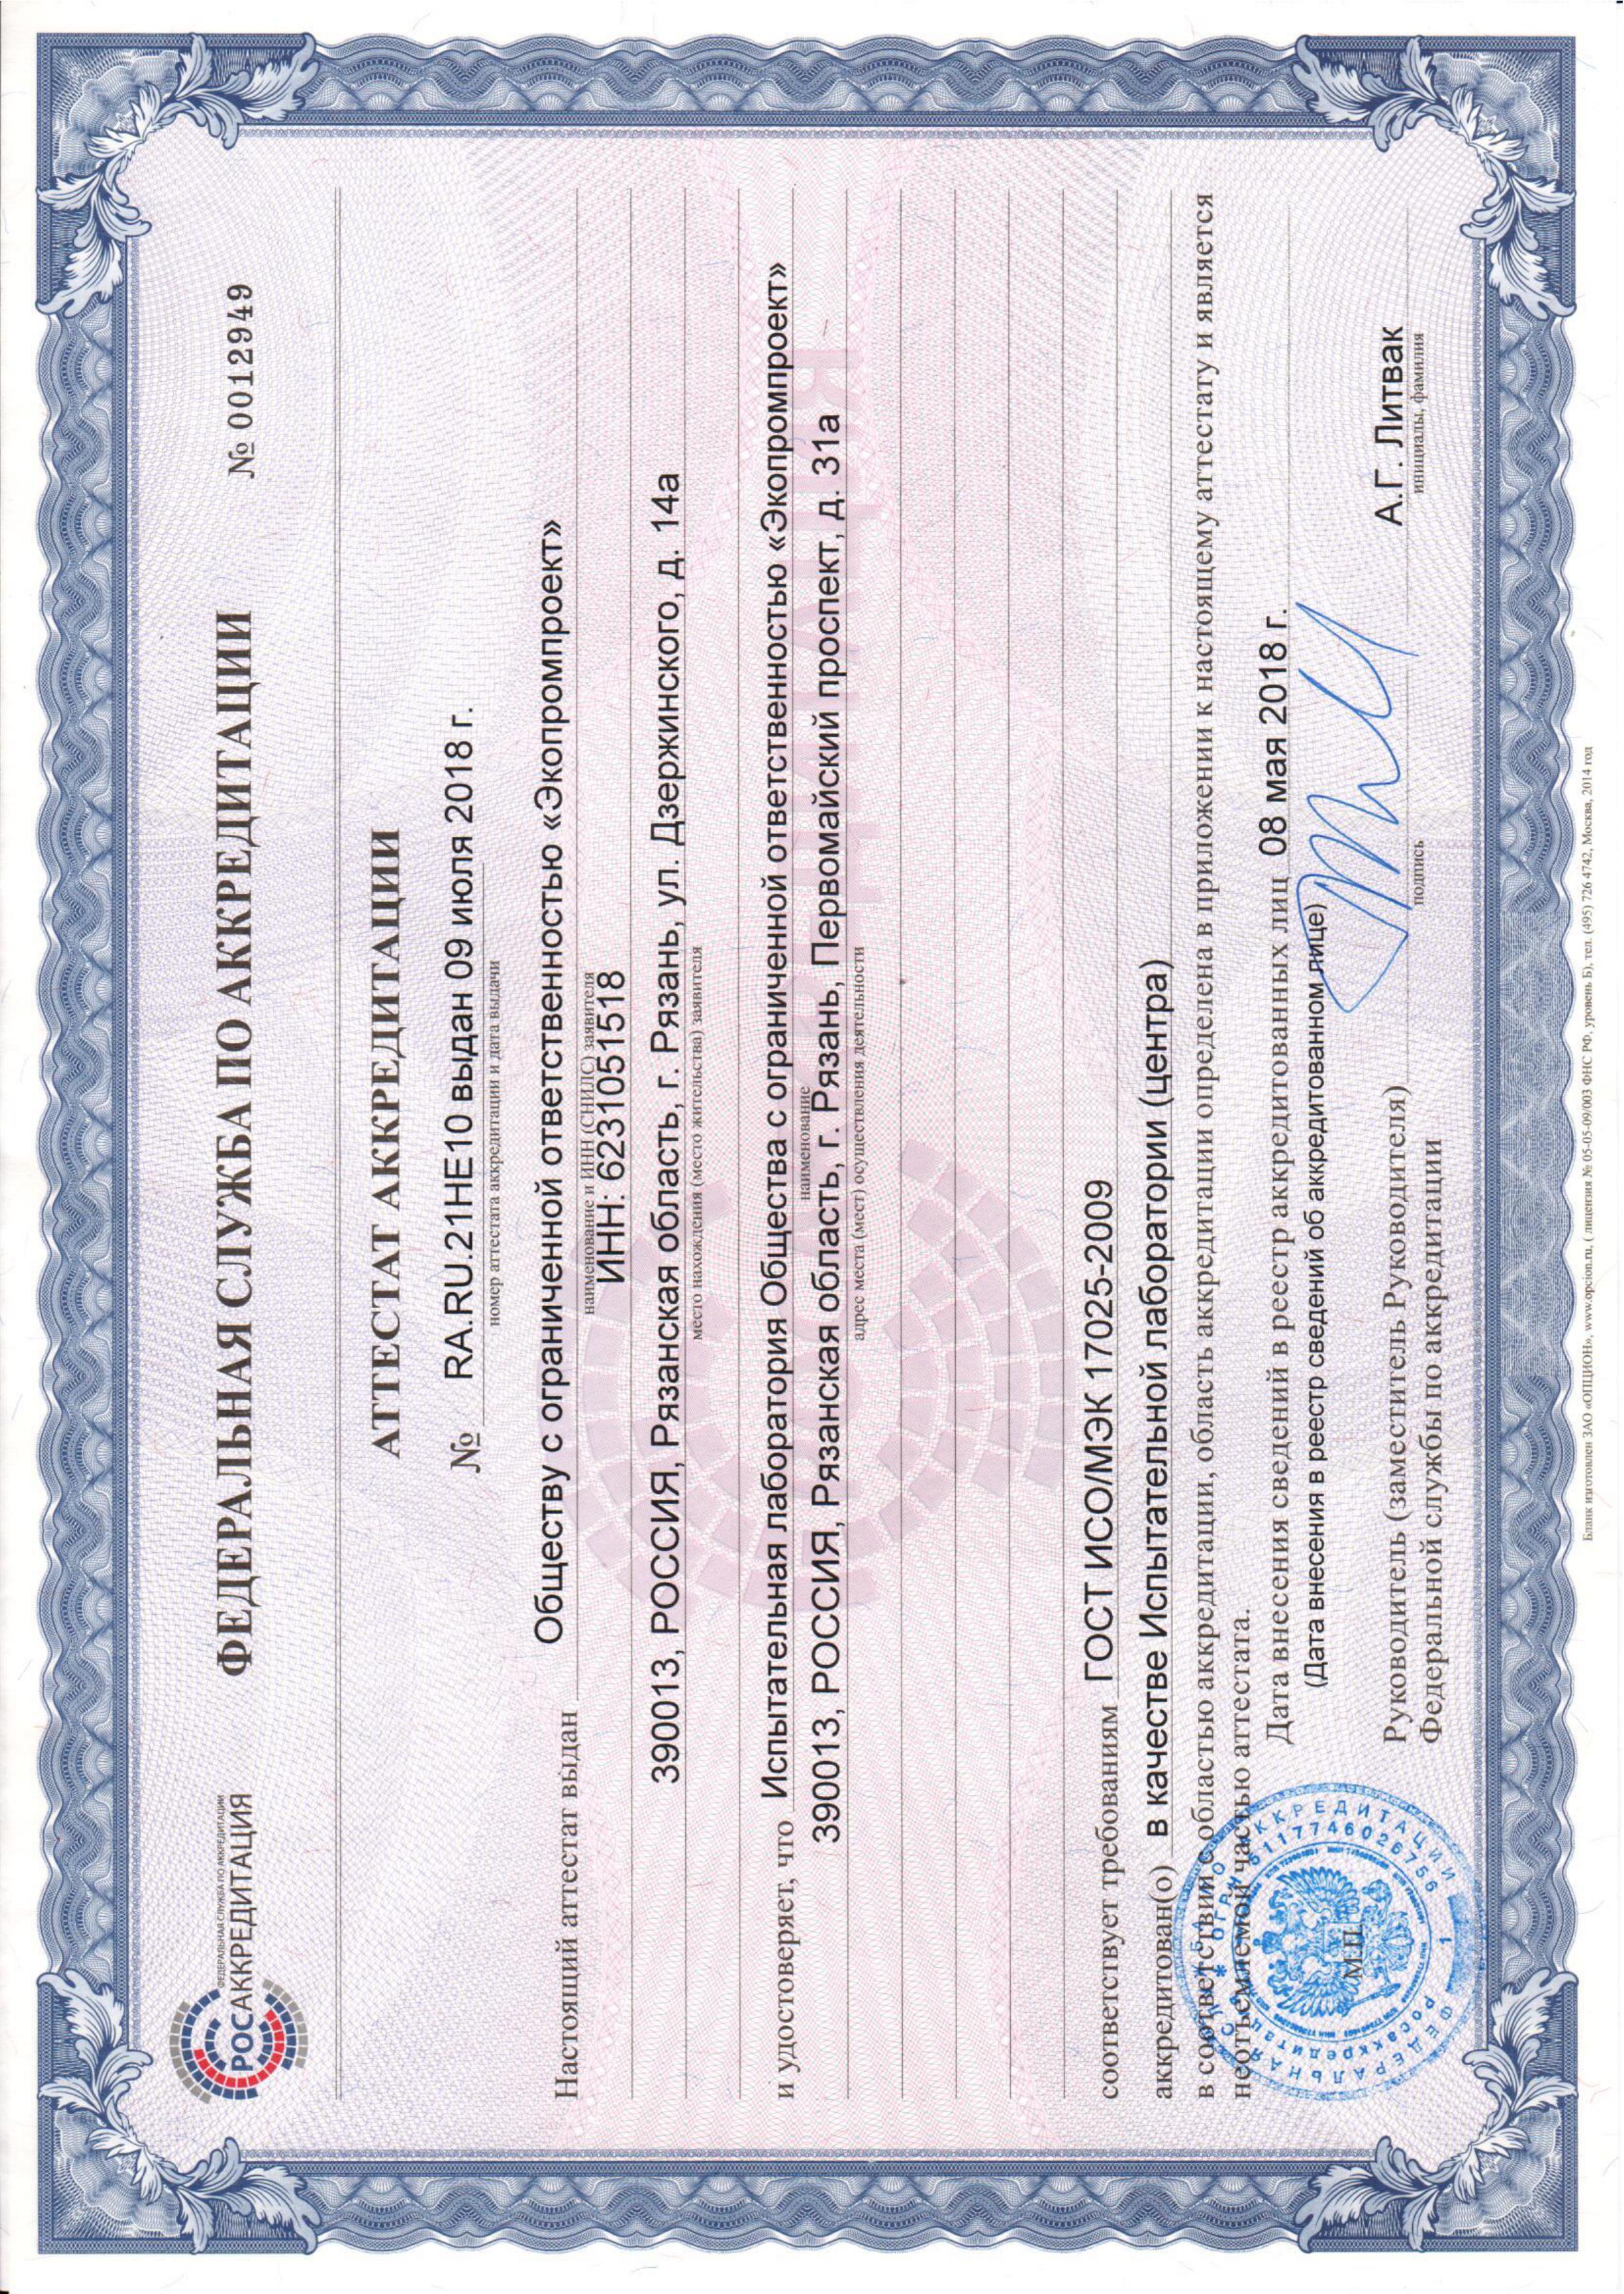 Свидетельство аккредитации испытательной лаборатории аттестации рабочих мест